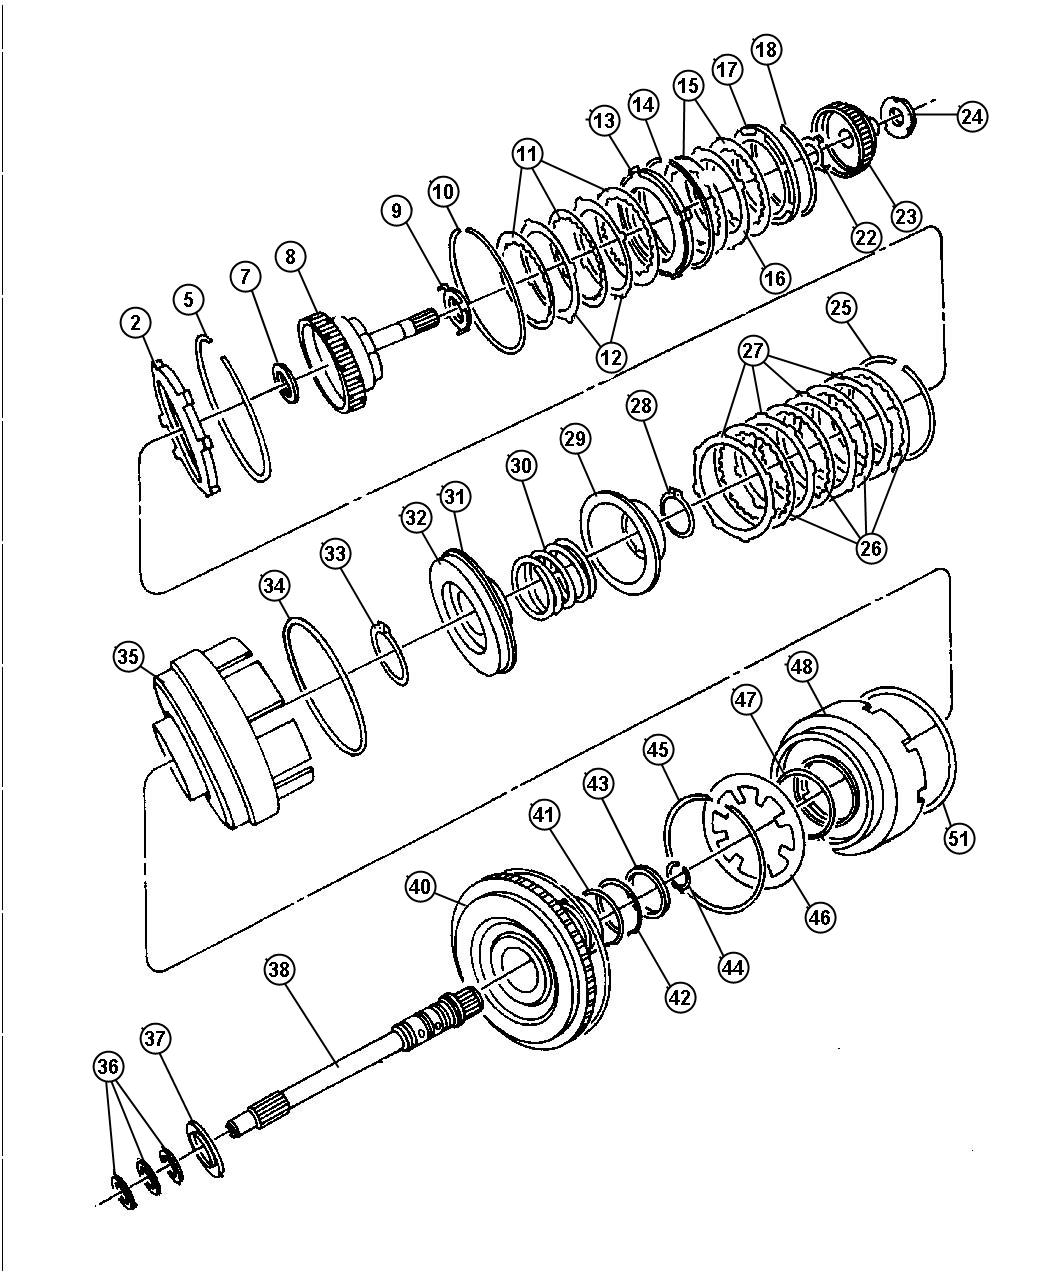 RAM 1500 Input shaft package. Transaxle. Input 22t, input